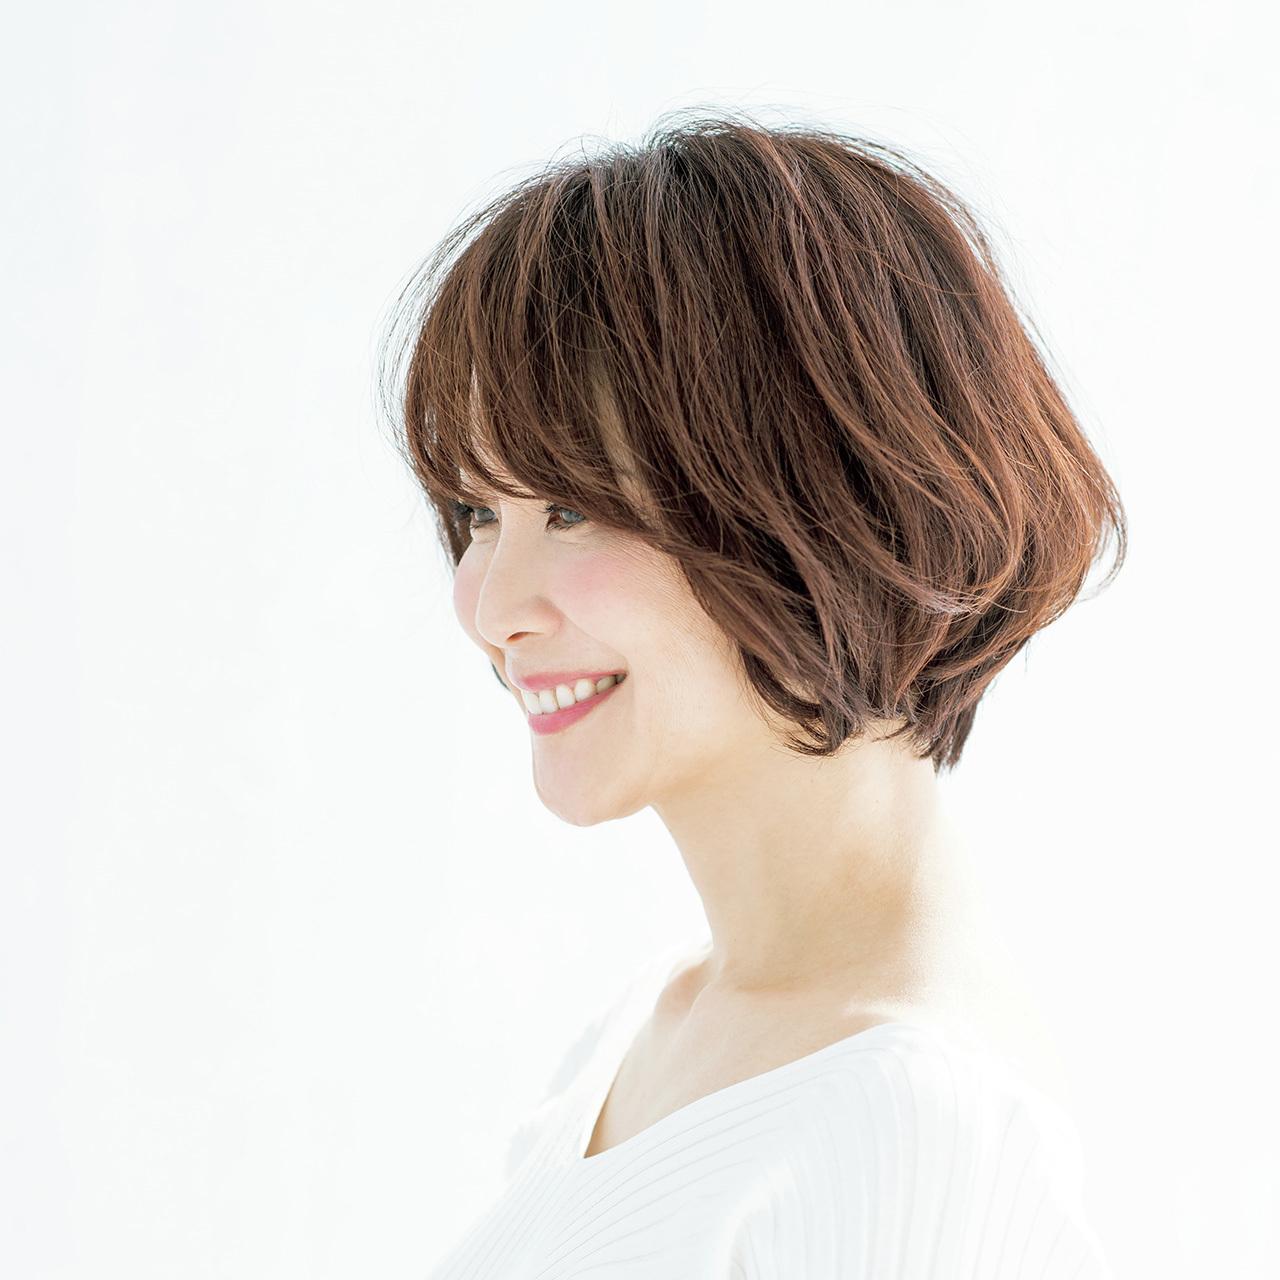 おしゃれに見える大人のヘアスタイル photo gallery_1_1-24